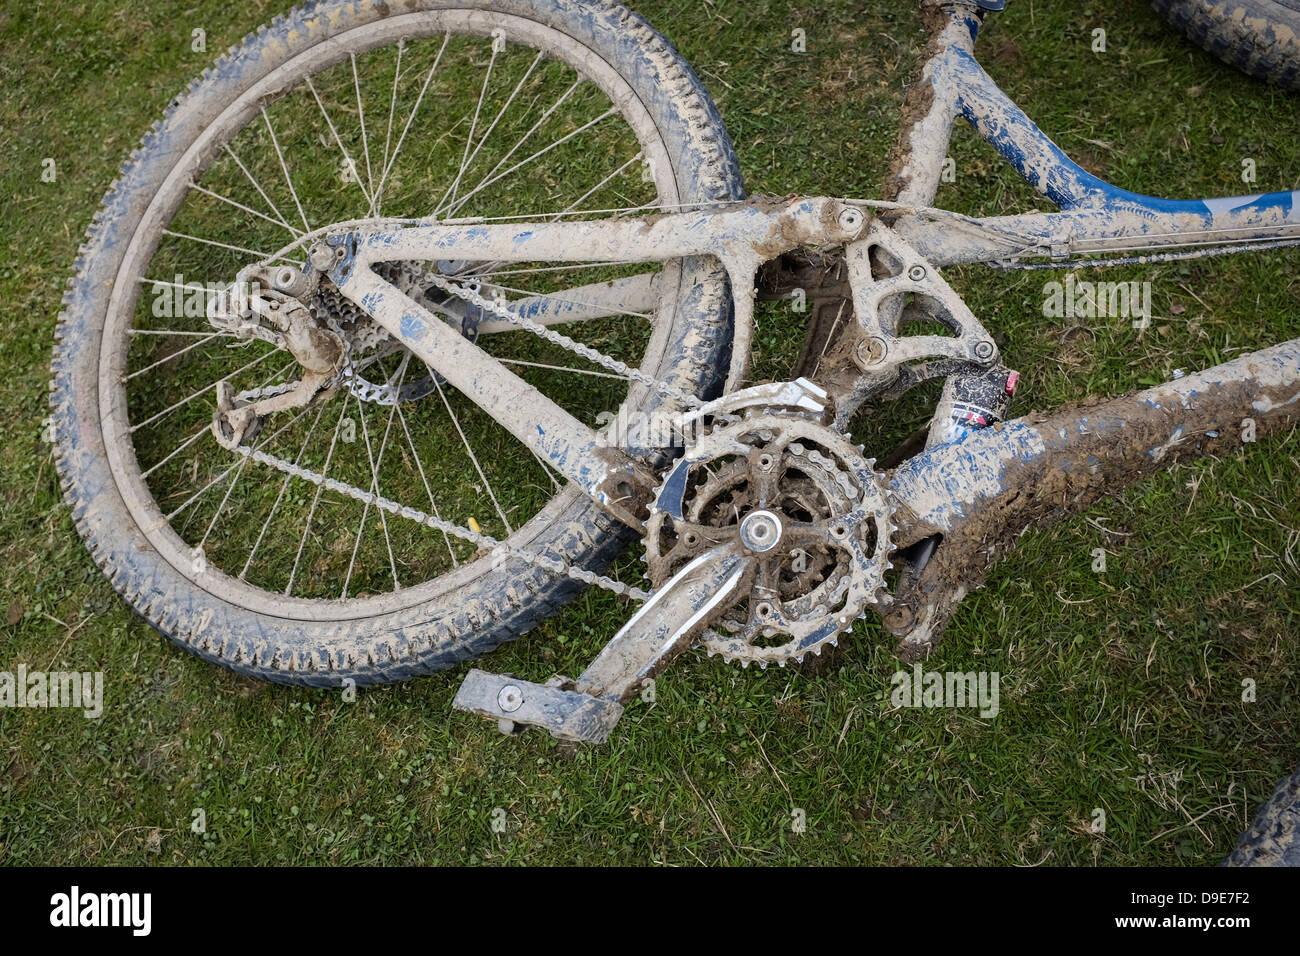 Ein schlammiges schmutziges Motorrad am Ende des Dyfi Enduro Radrennen, Machynlleth Powys Wales UK Stockbild